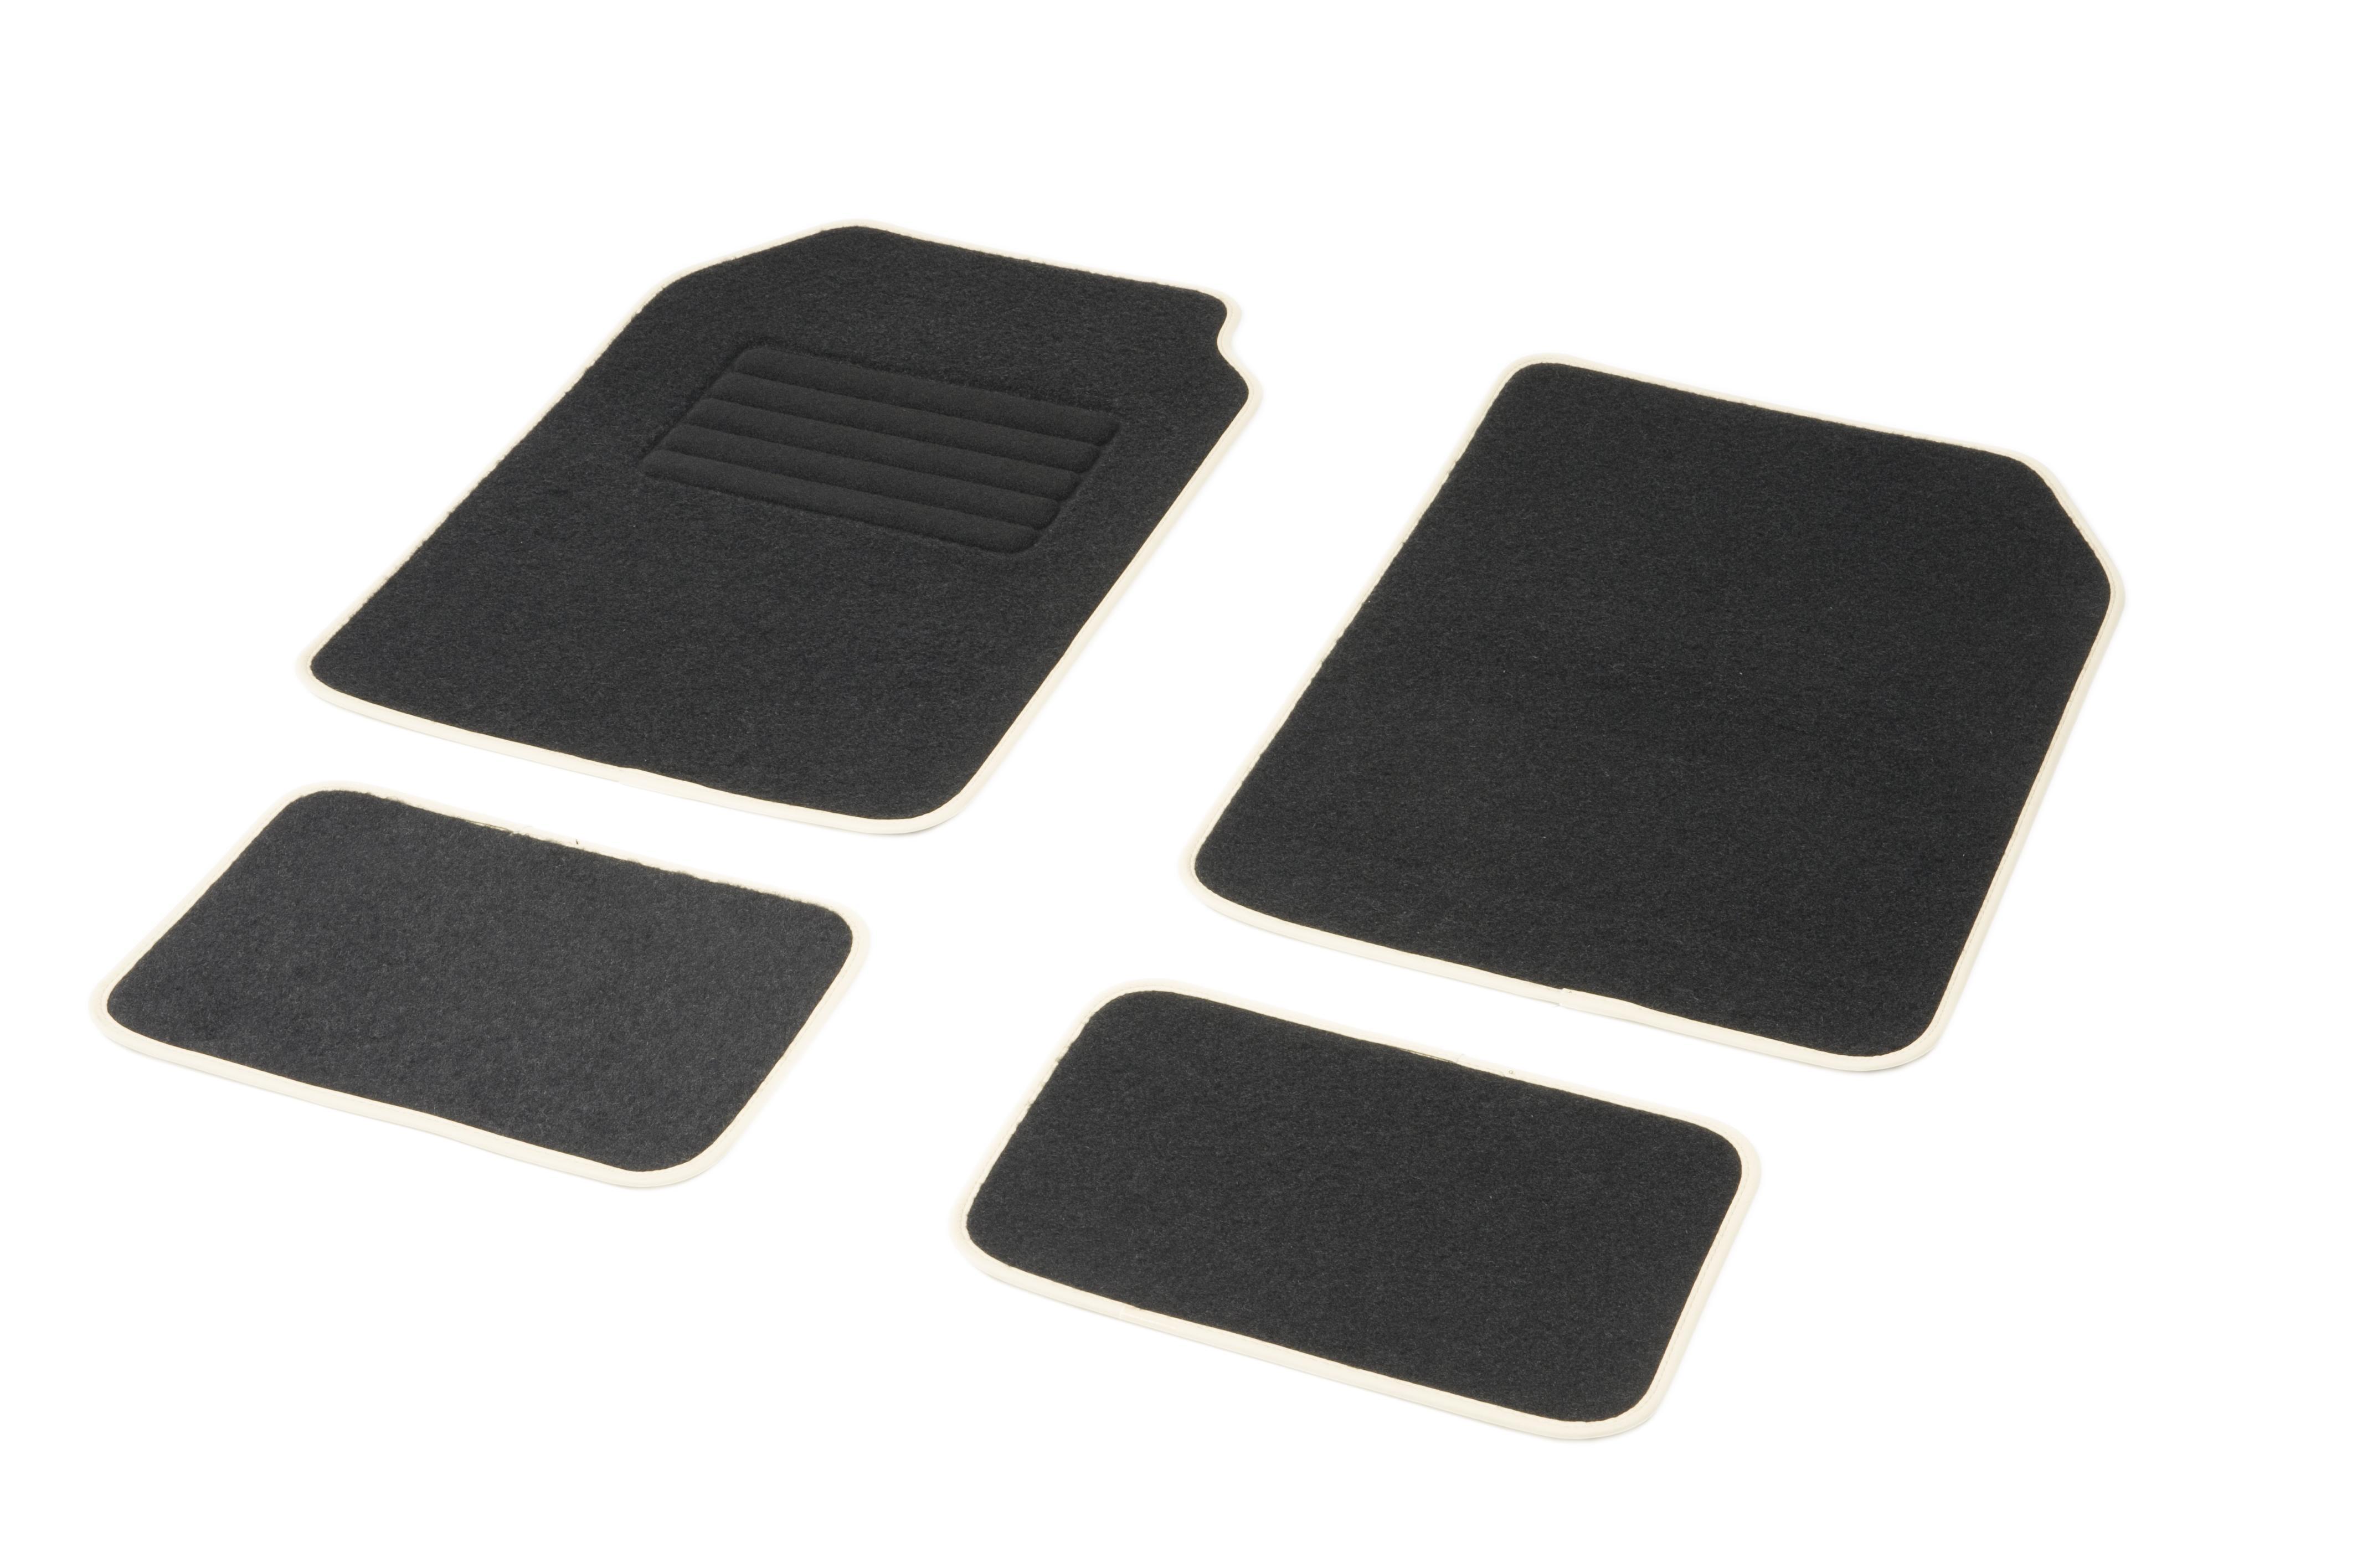 01765762 DBS Universeel geschikt, STANDARD Textiel, voor en achter, Aantal: 4, Wit, Zwart Grootte: 73х46 Vloermatset 01765762